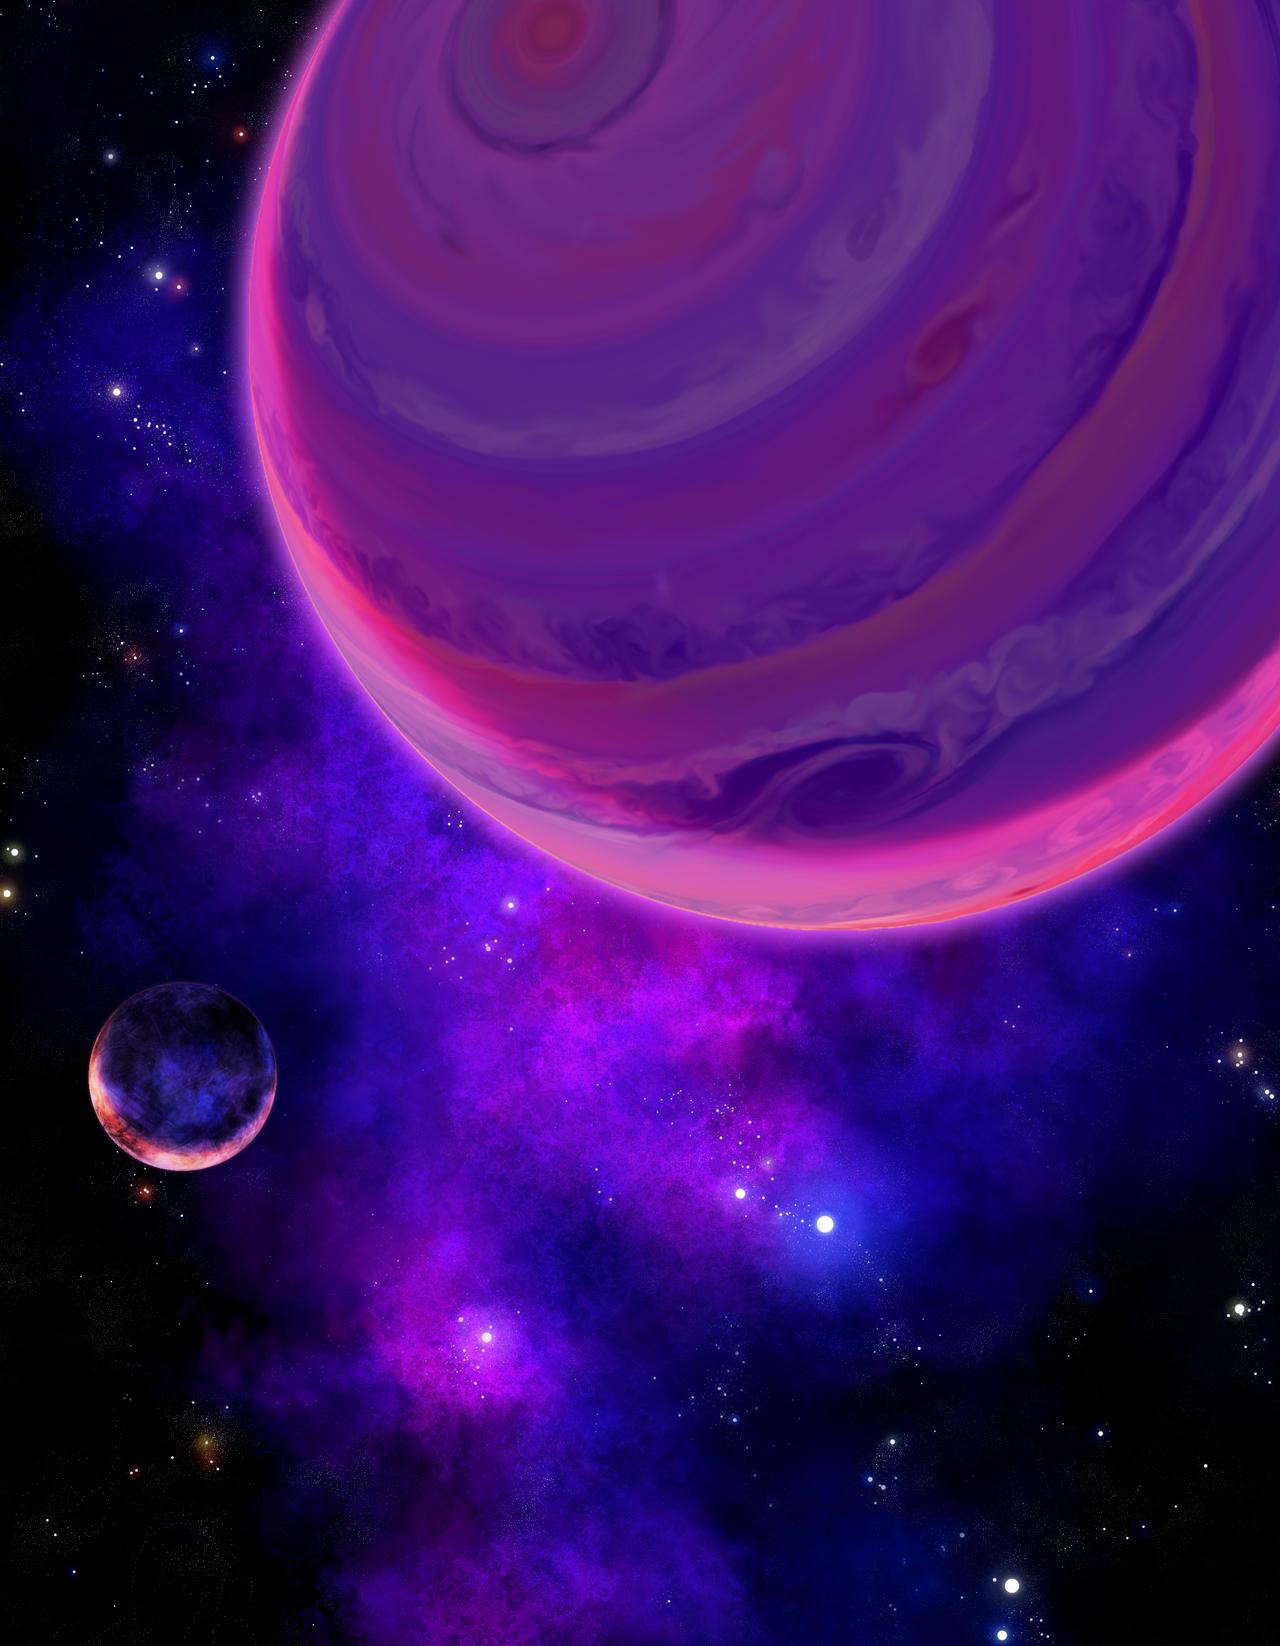 Purple Spacescape by DeepChrome